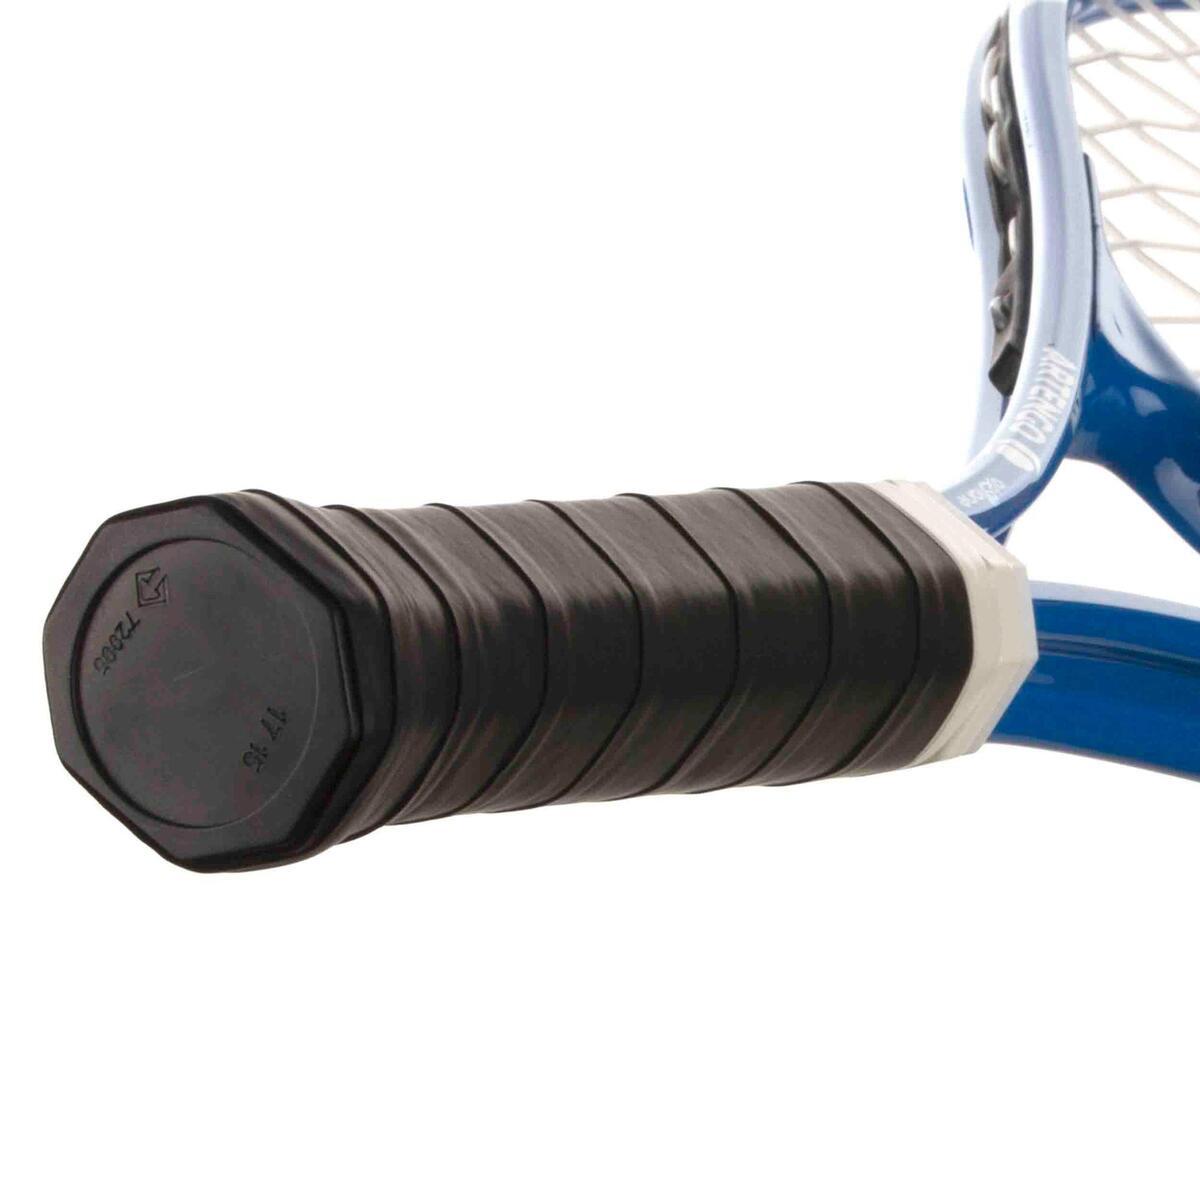 Bild 4 von Tennisschläger TR100 Kinder 21 besaitet blau